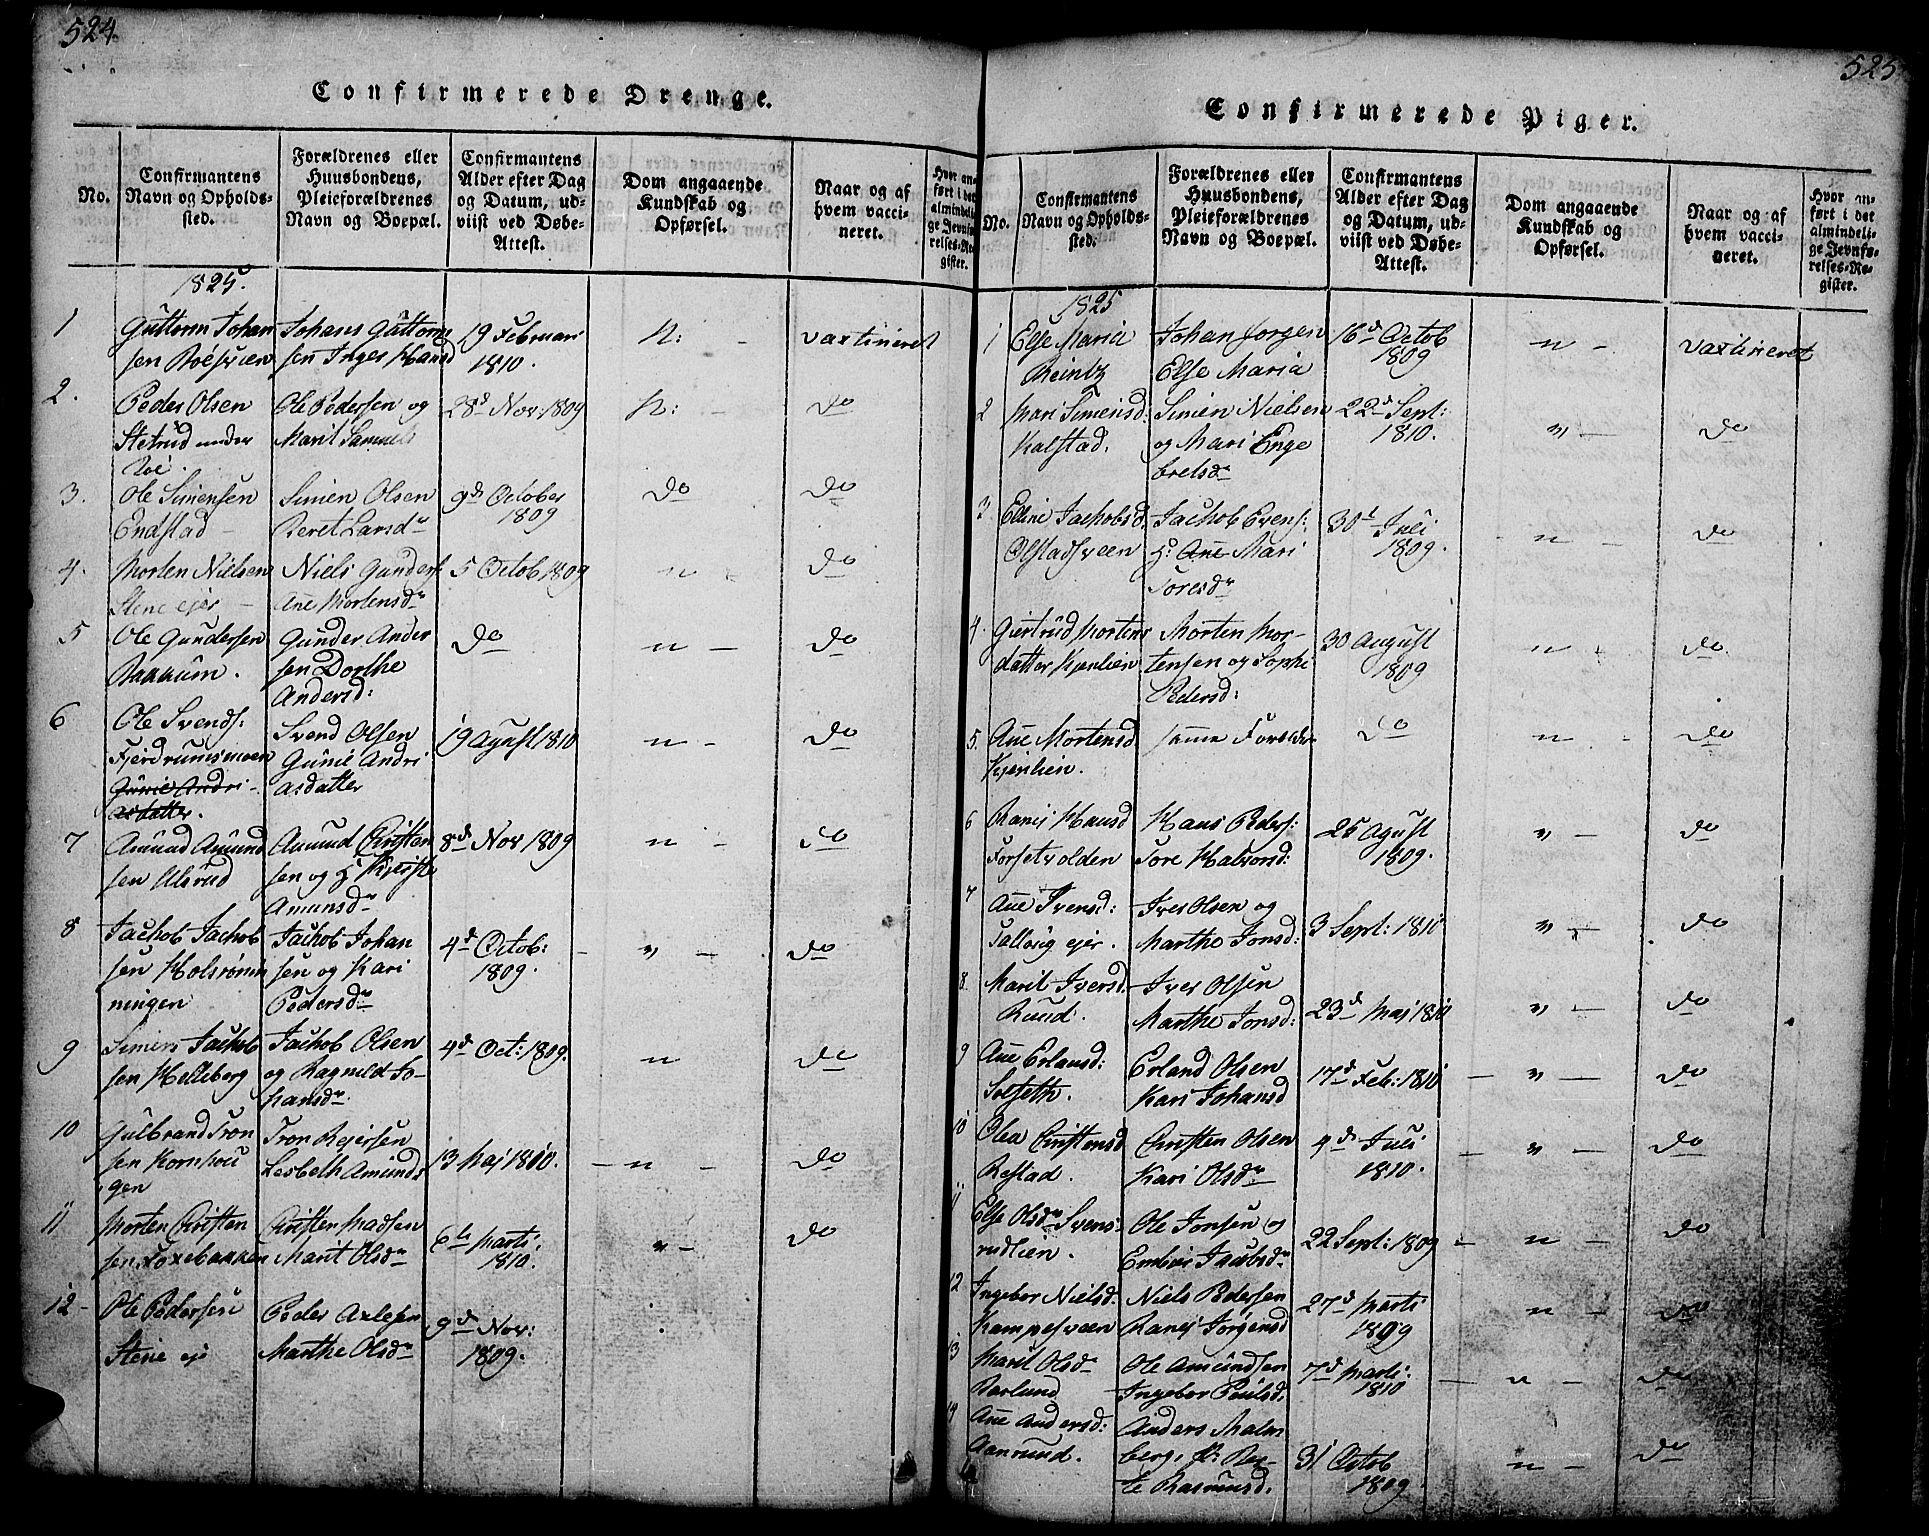 SAH, Gausdal prestekontor, Klokkerbok nr. 1, 1817-1848, s. 524-525